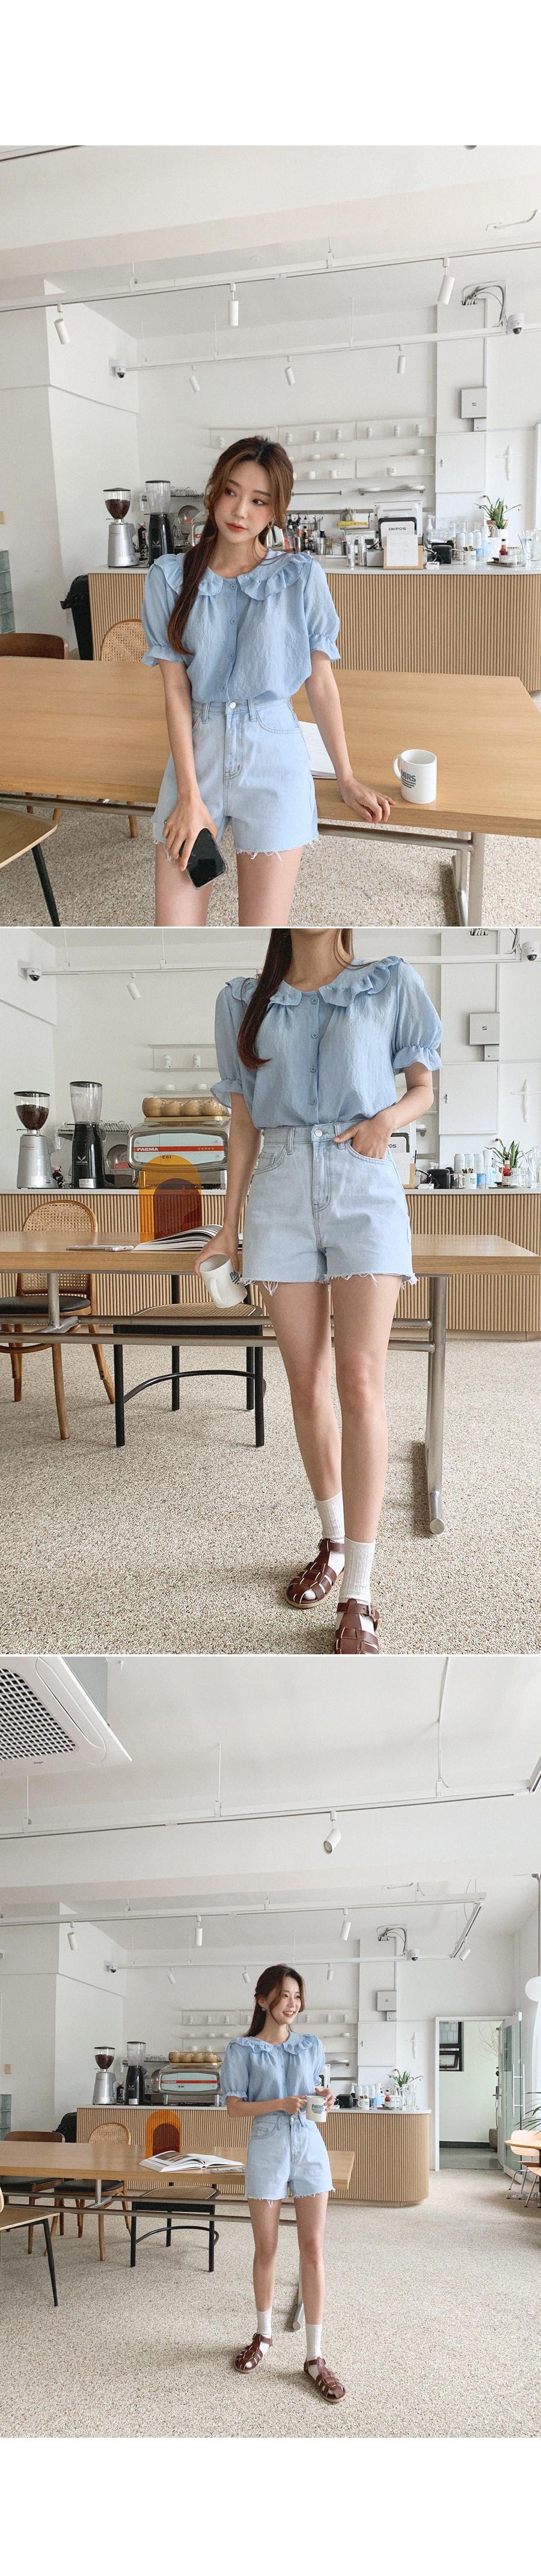 The long-awaited Light Blue denim shorts